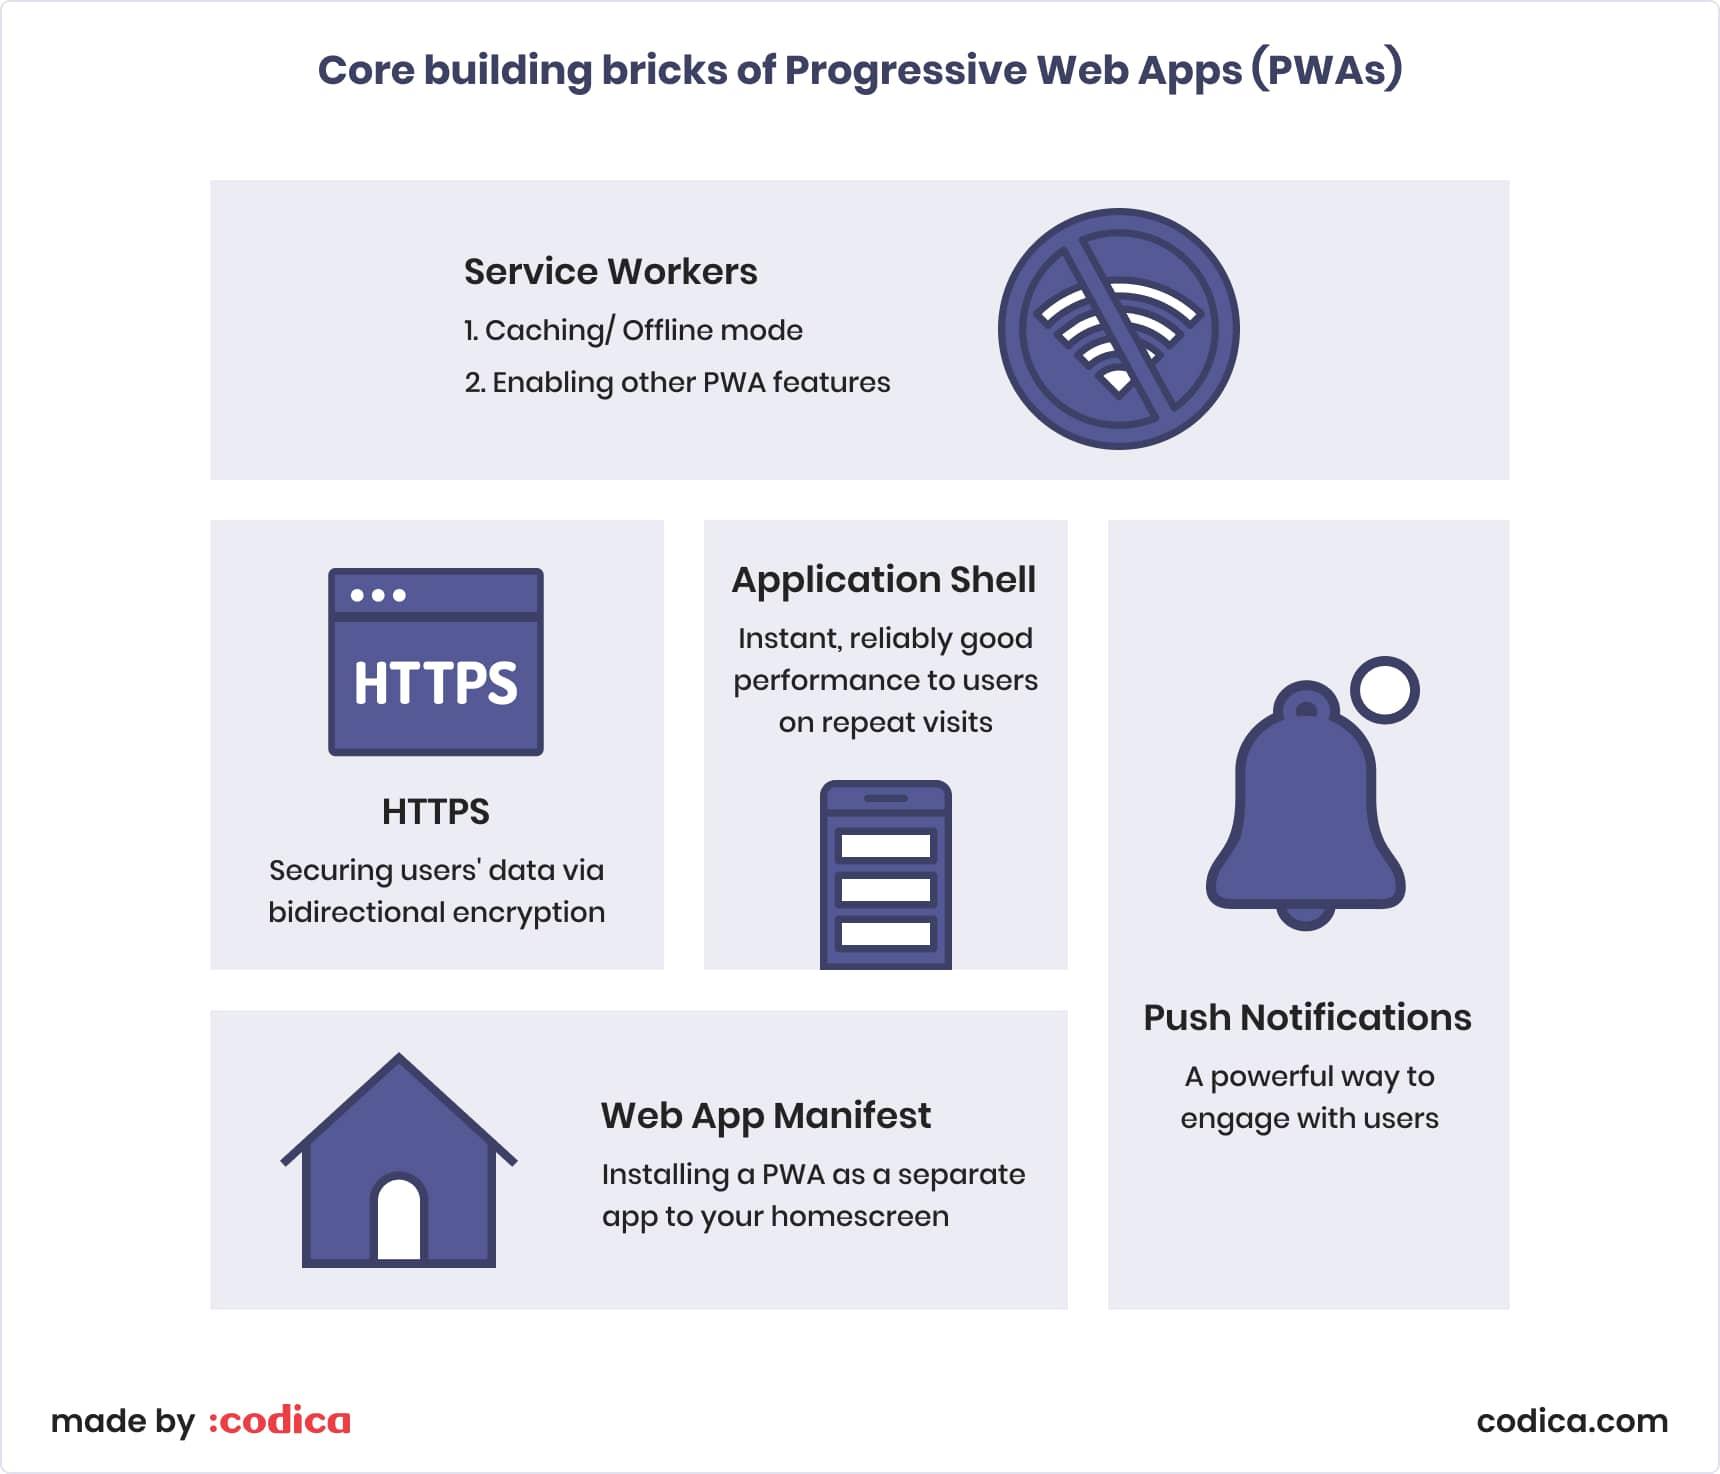 Core building bricks of progressive web apps | Codica